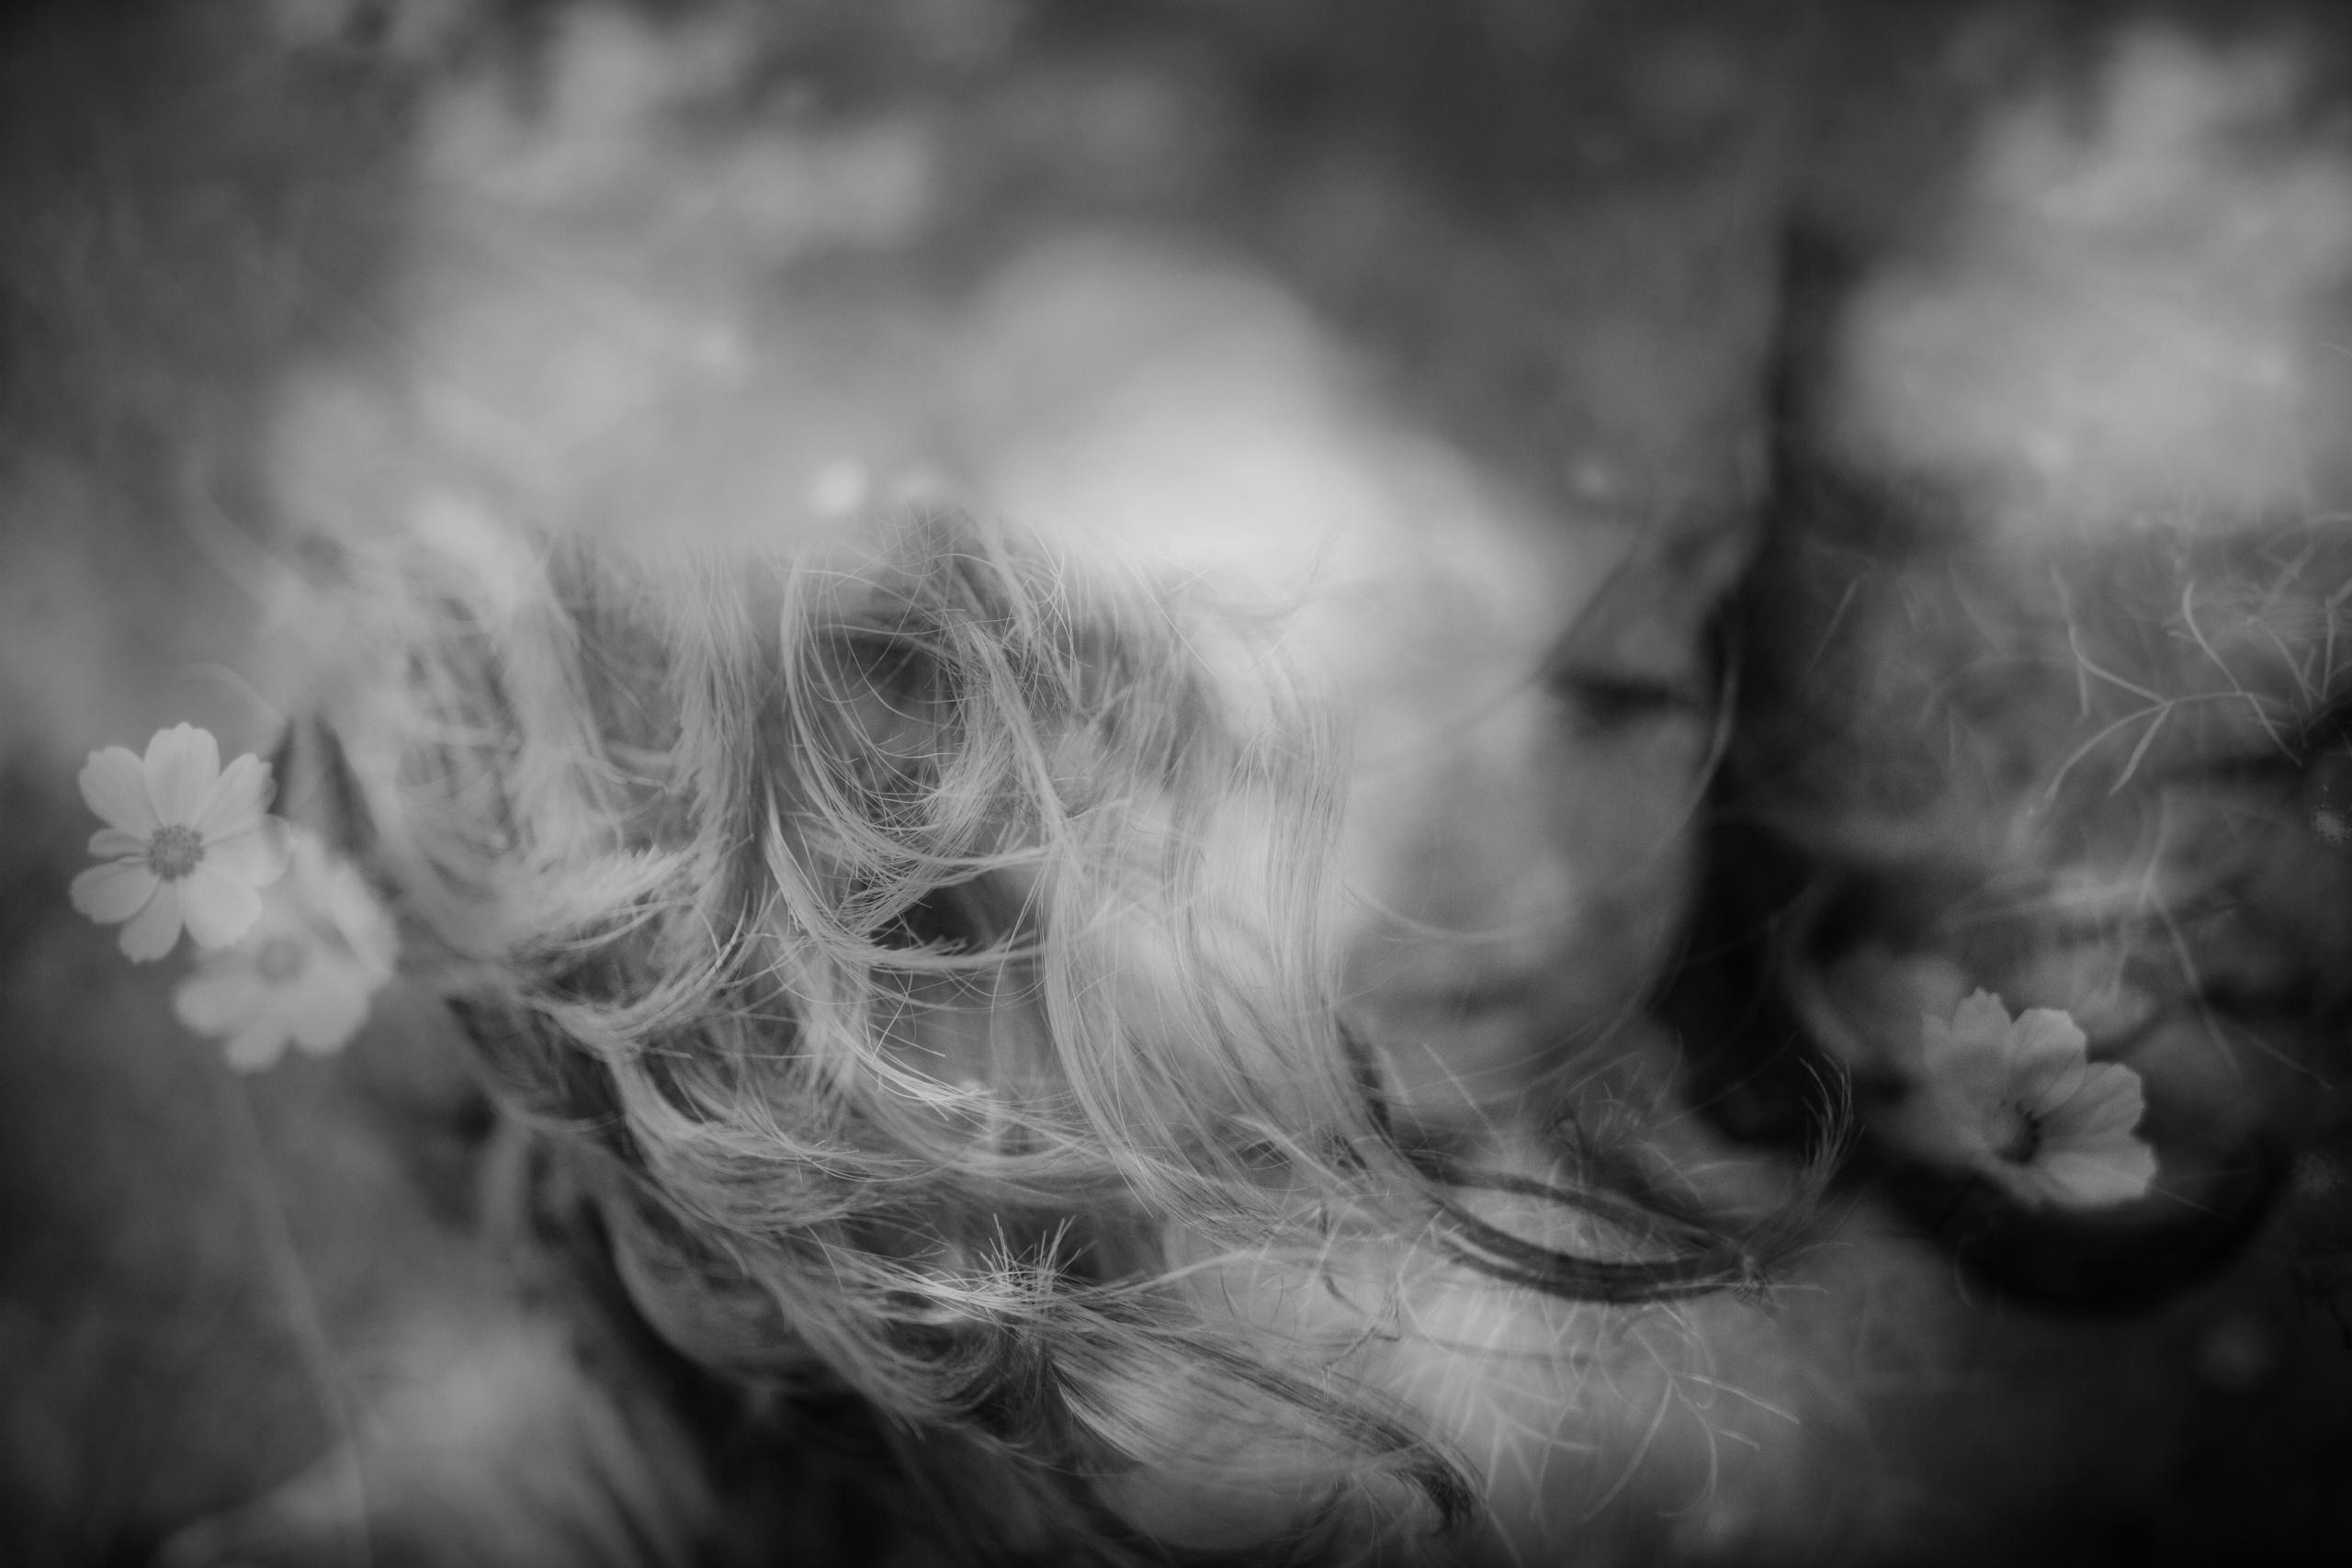 Christina Gapic, A Memory, 2020